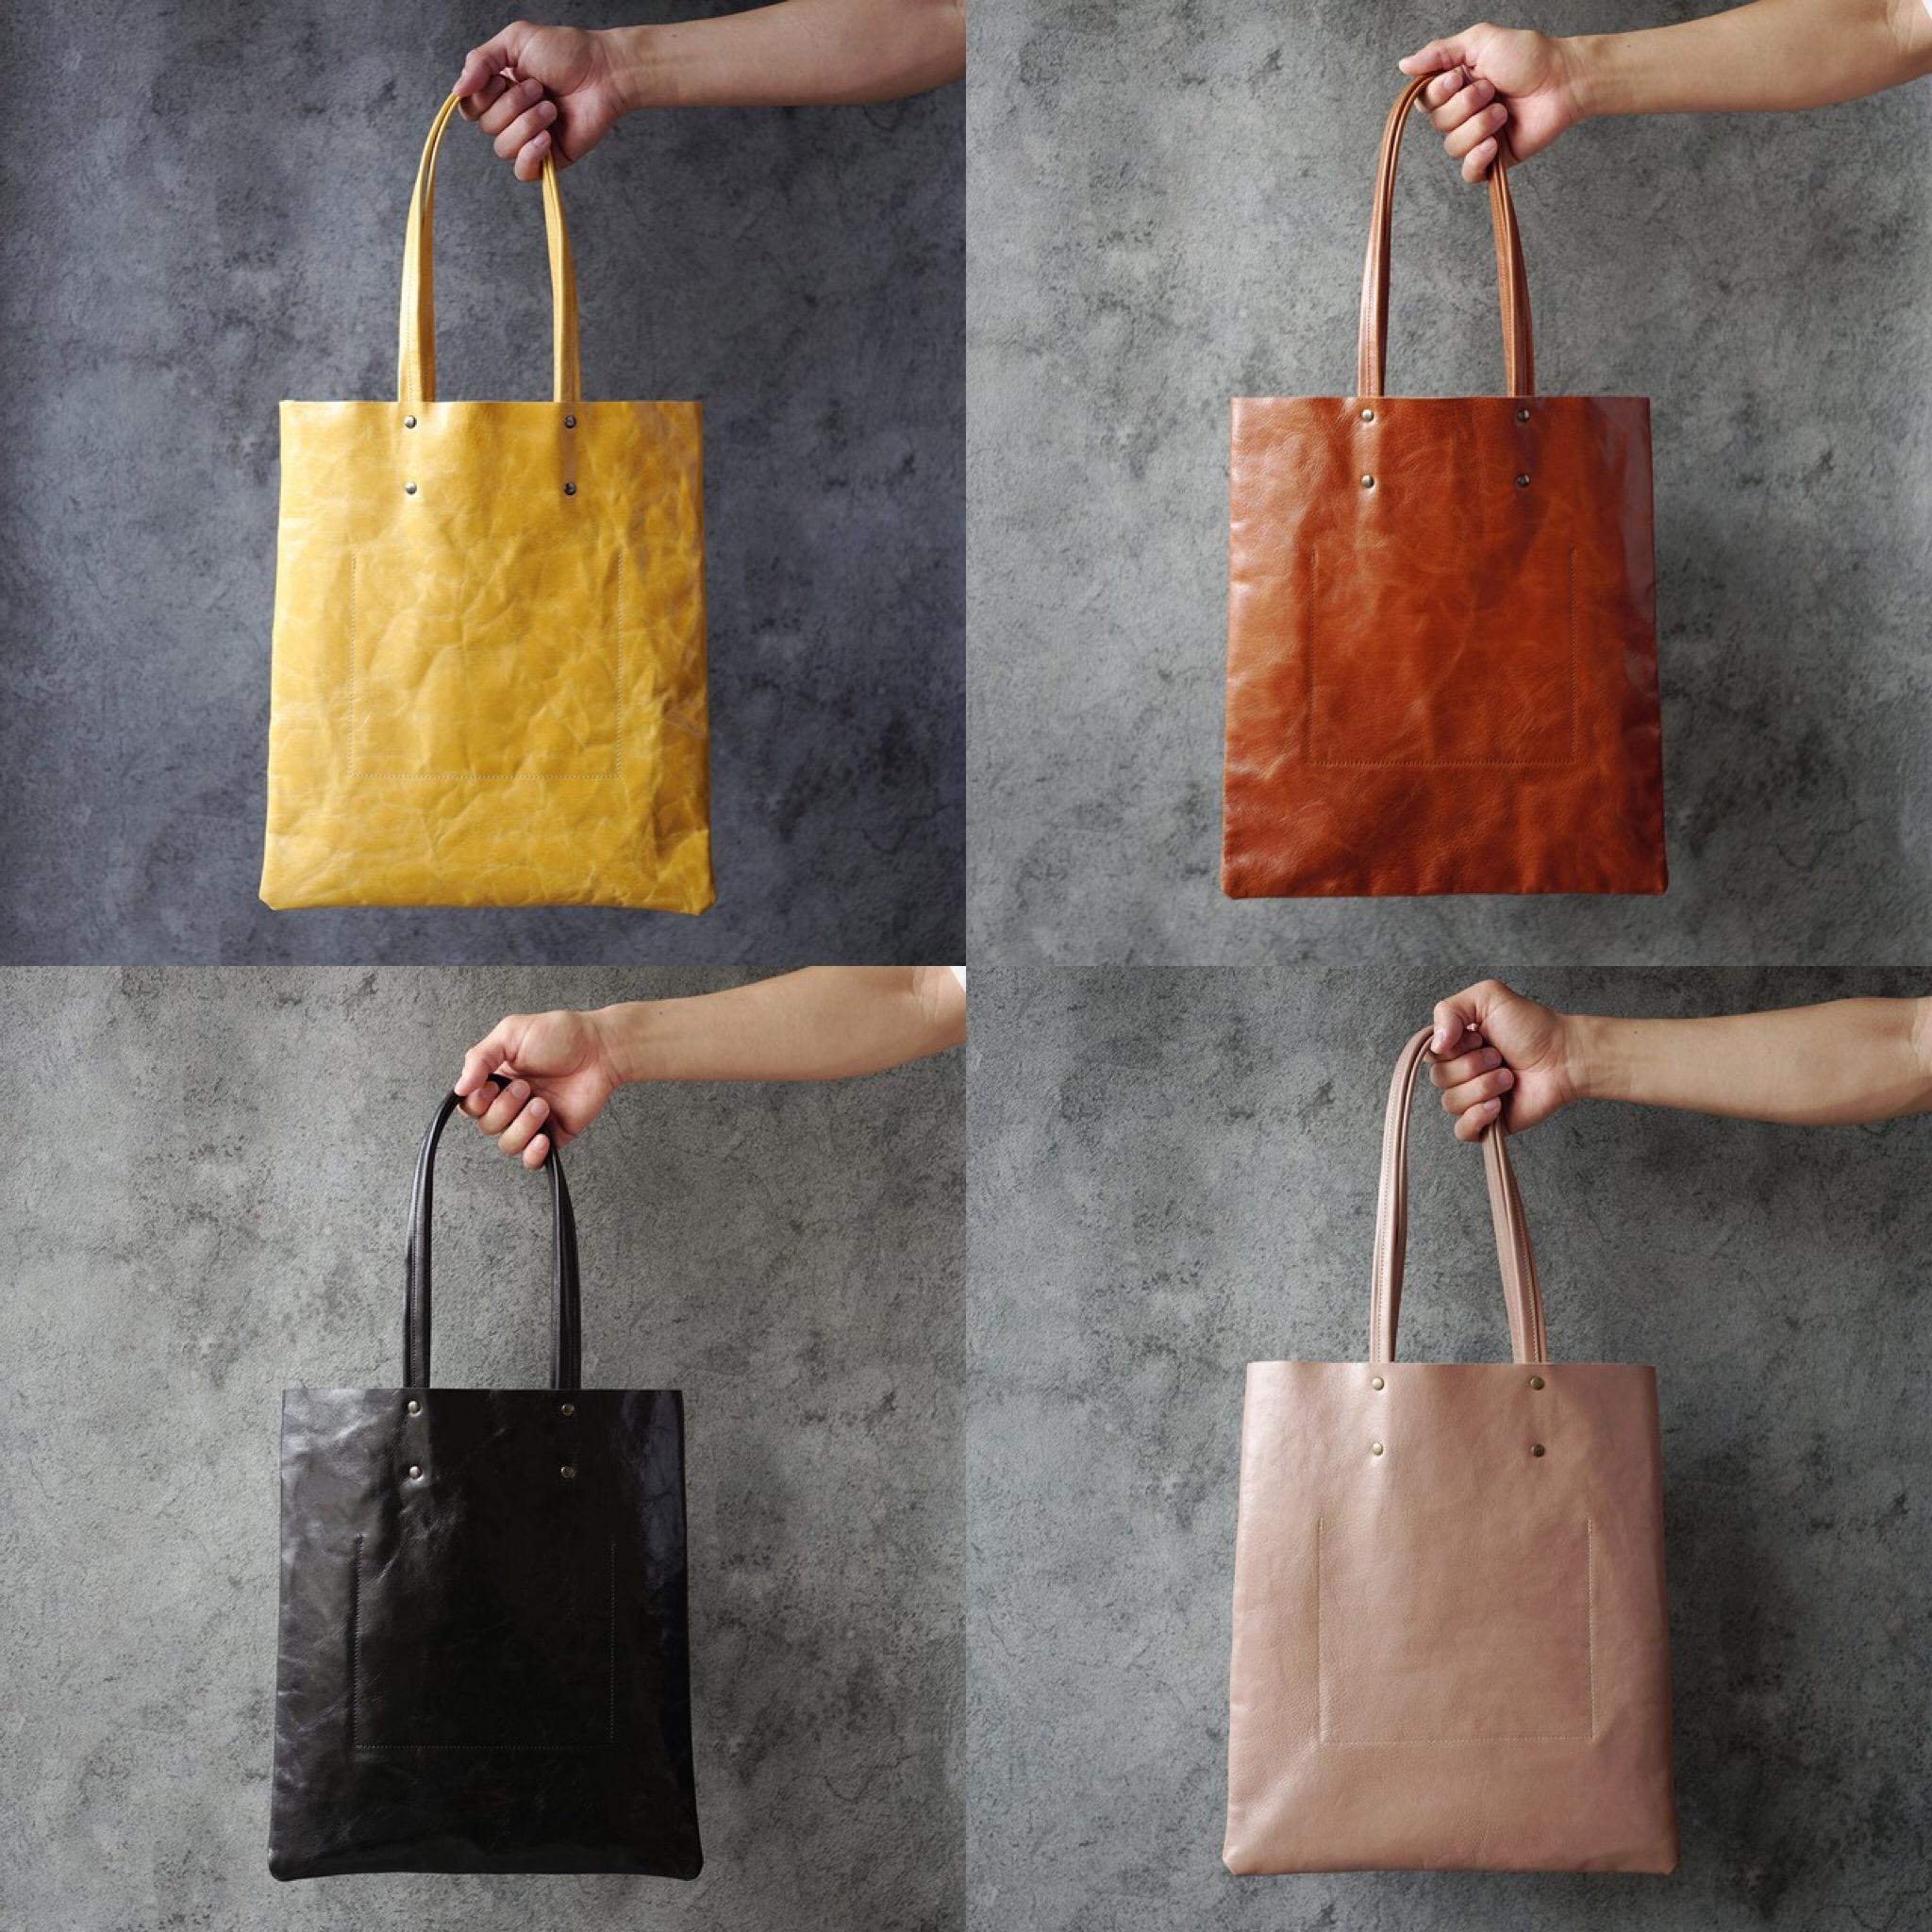 ゴートのトートバッグ(受注生産)は気軽に持てるレザーバッグです。